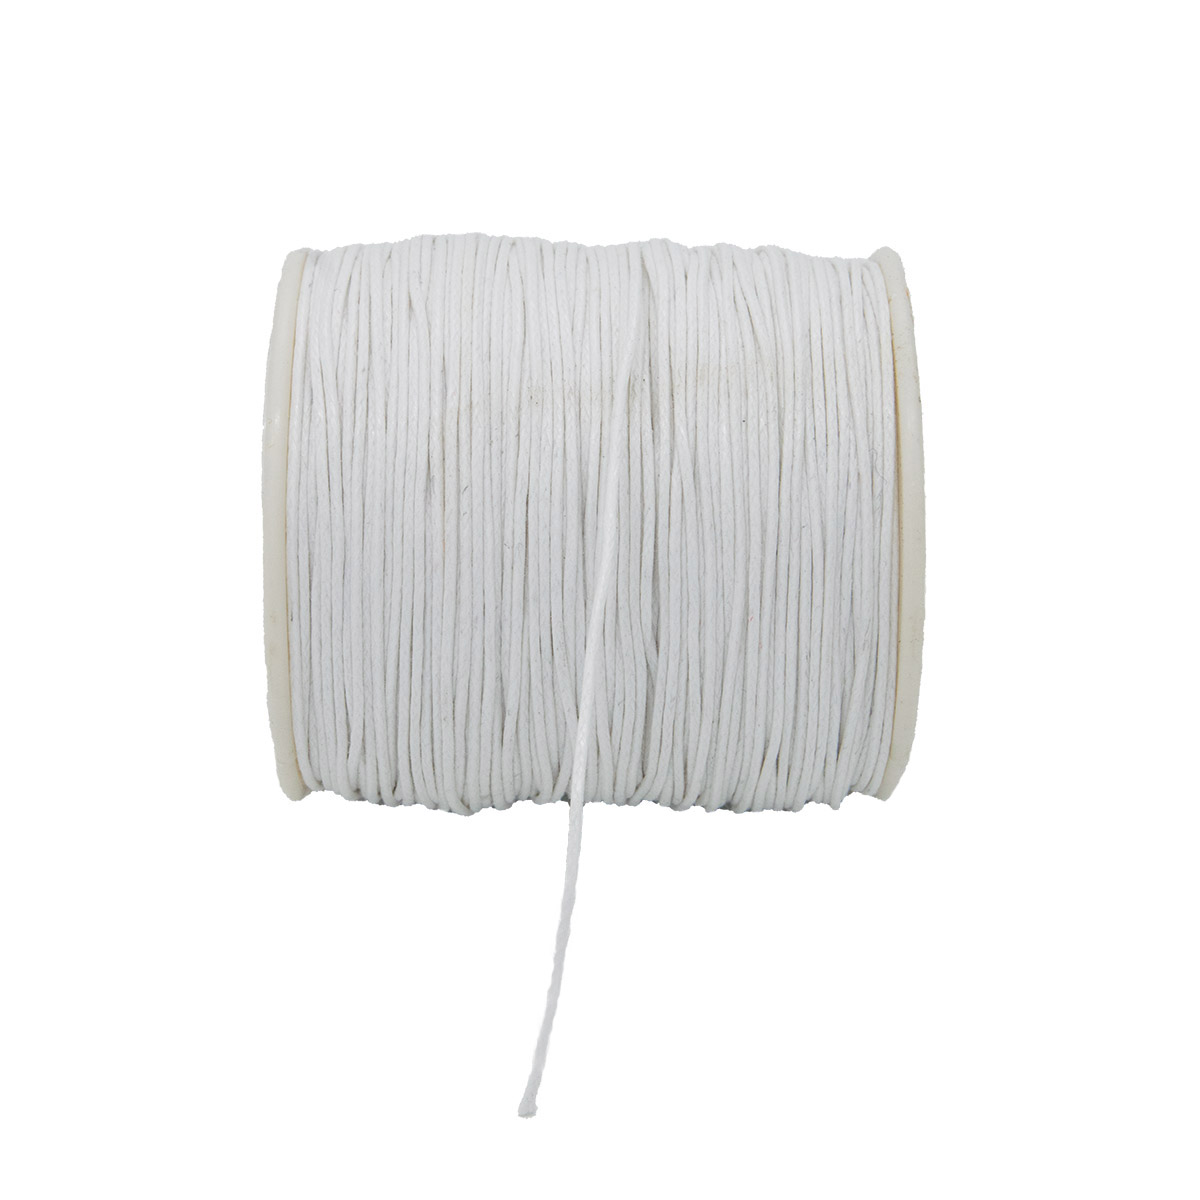 Шнур вощеный 1,0мм*100м цветной на катушке 0371-9002 (белый) фото